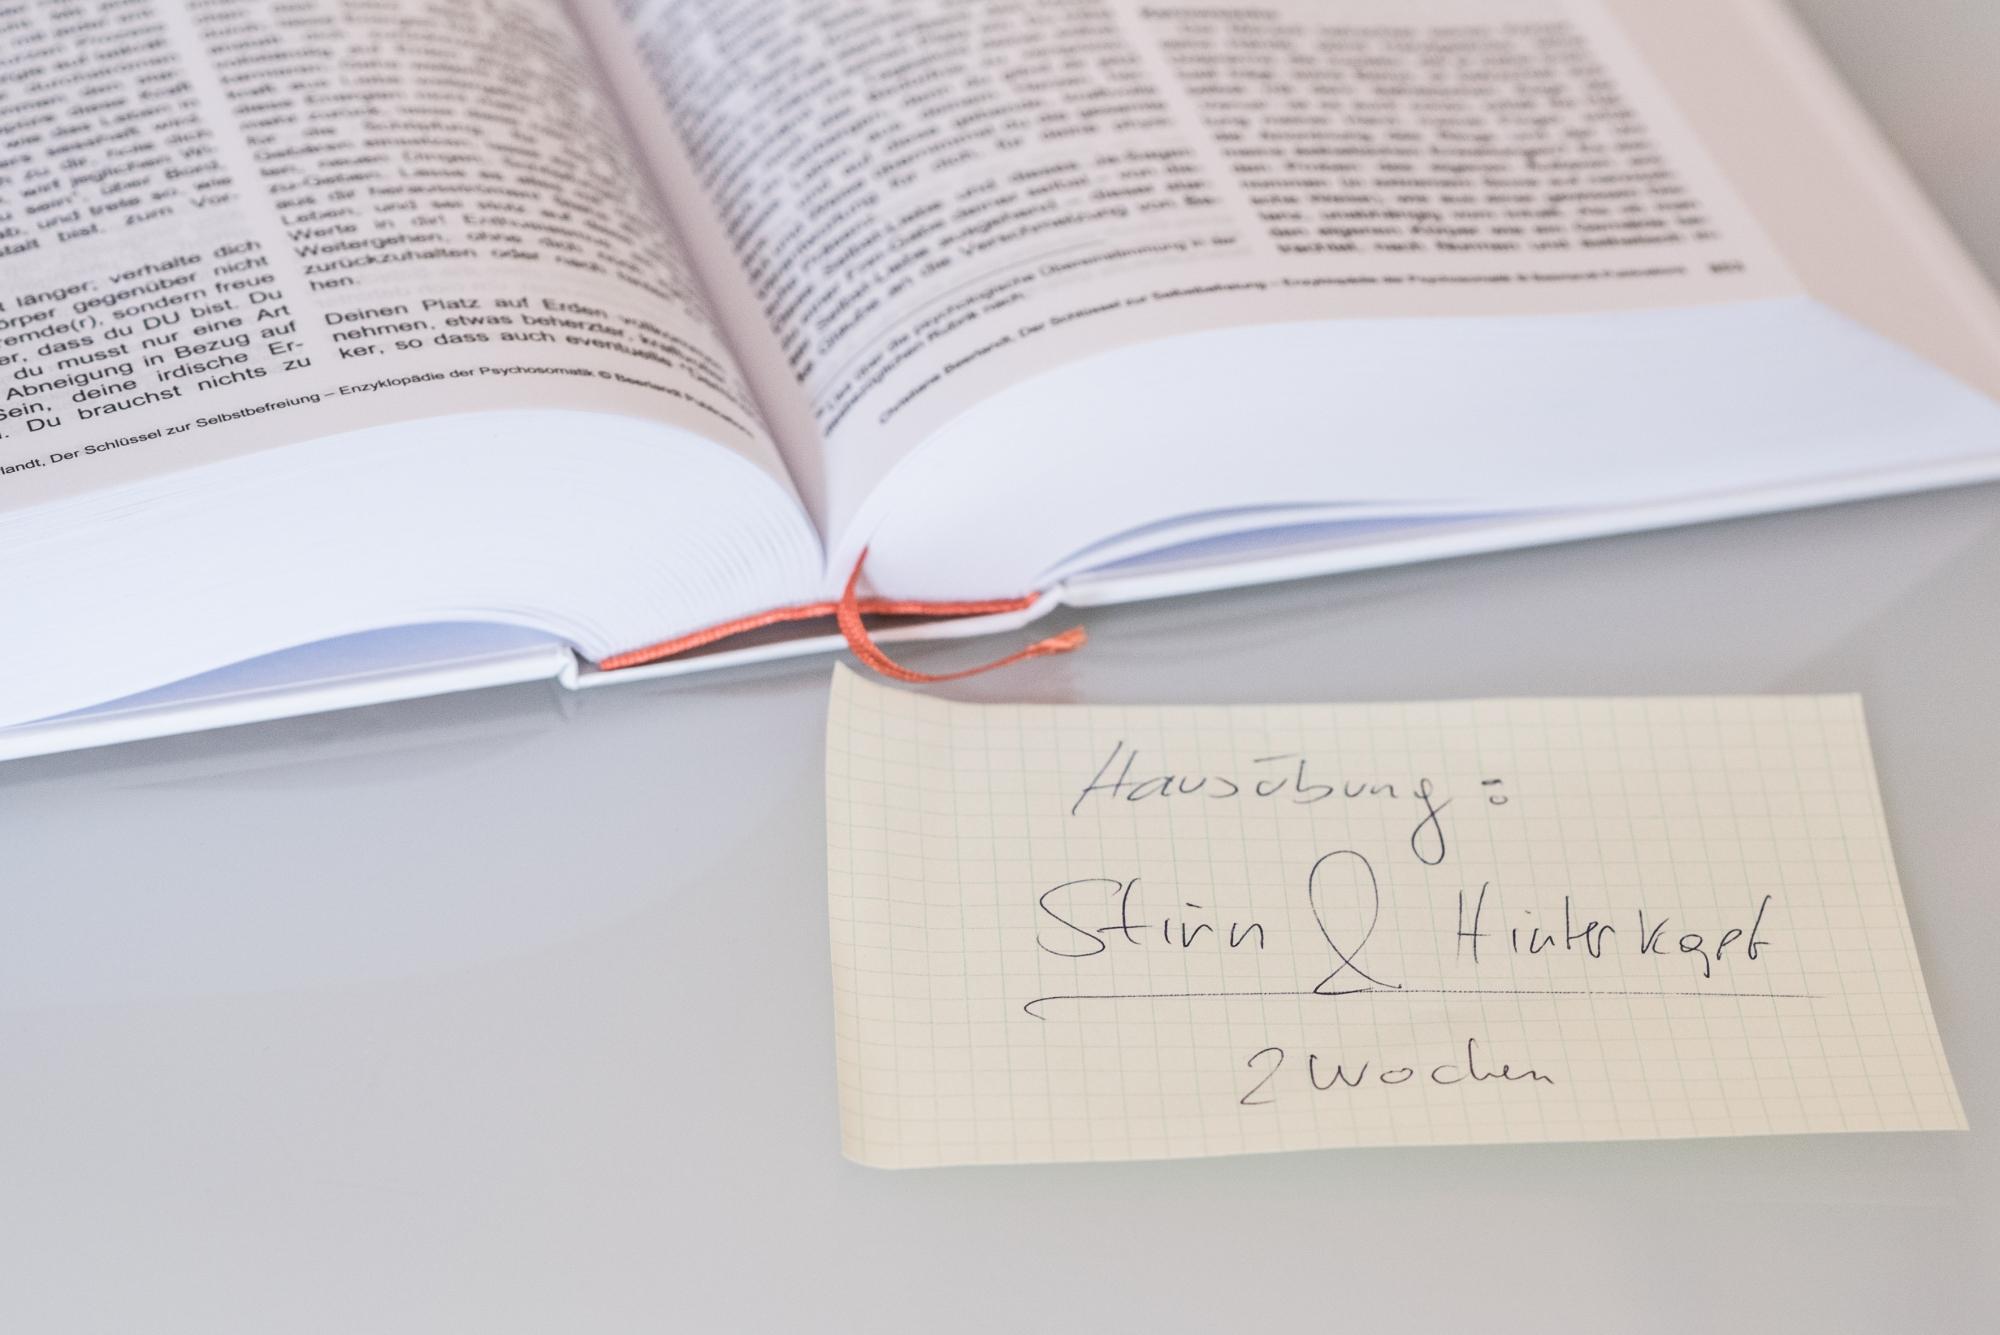 Das Bild zeigt ein Buch und einen Zettel auf dem das Preis Leistungsverhältnis der Kinesiologie Praxis vermerkt ist.